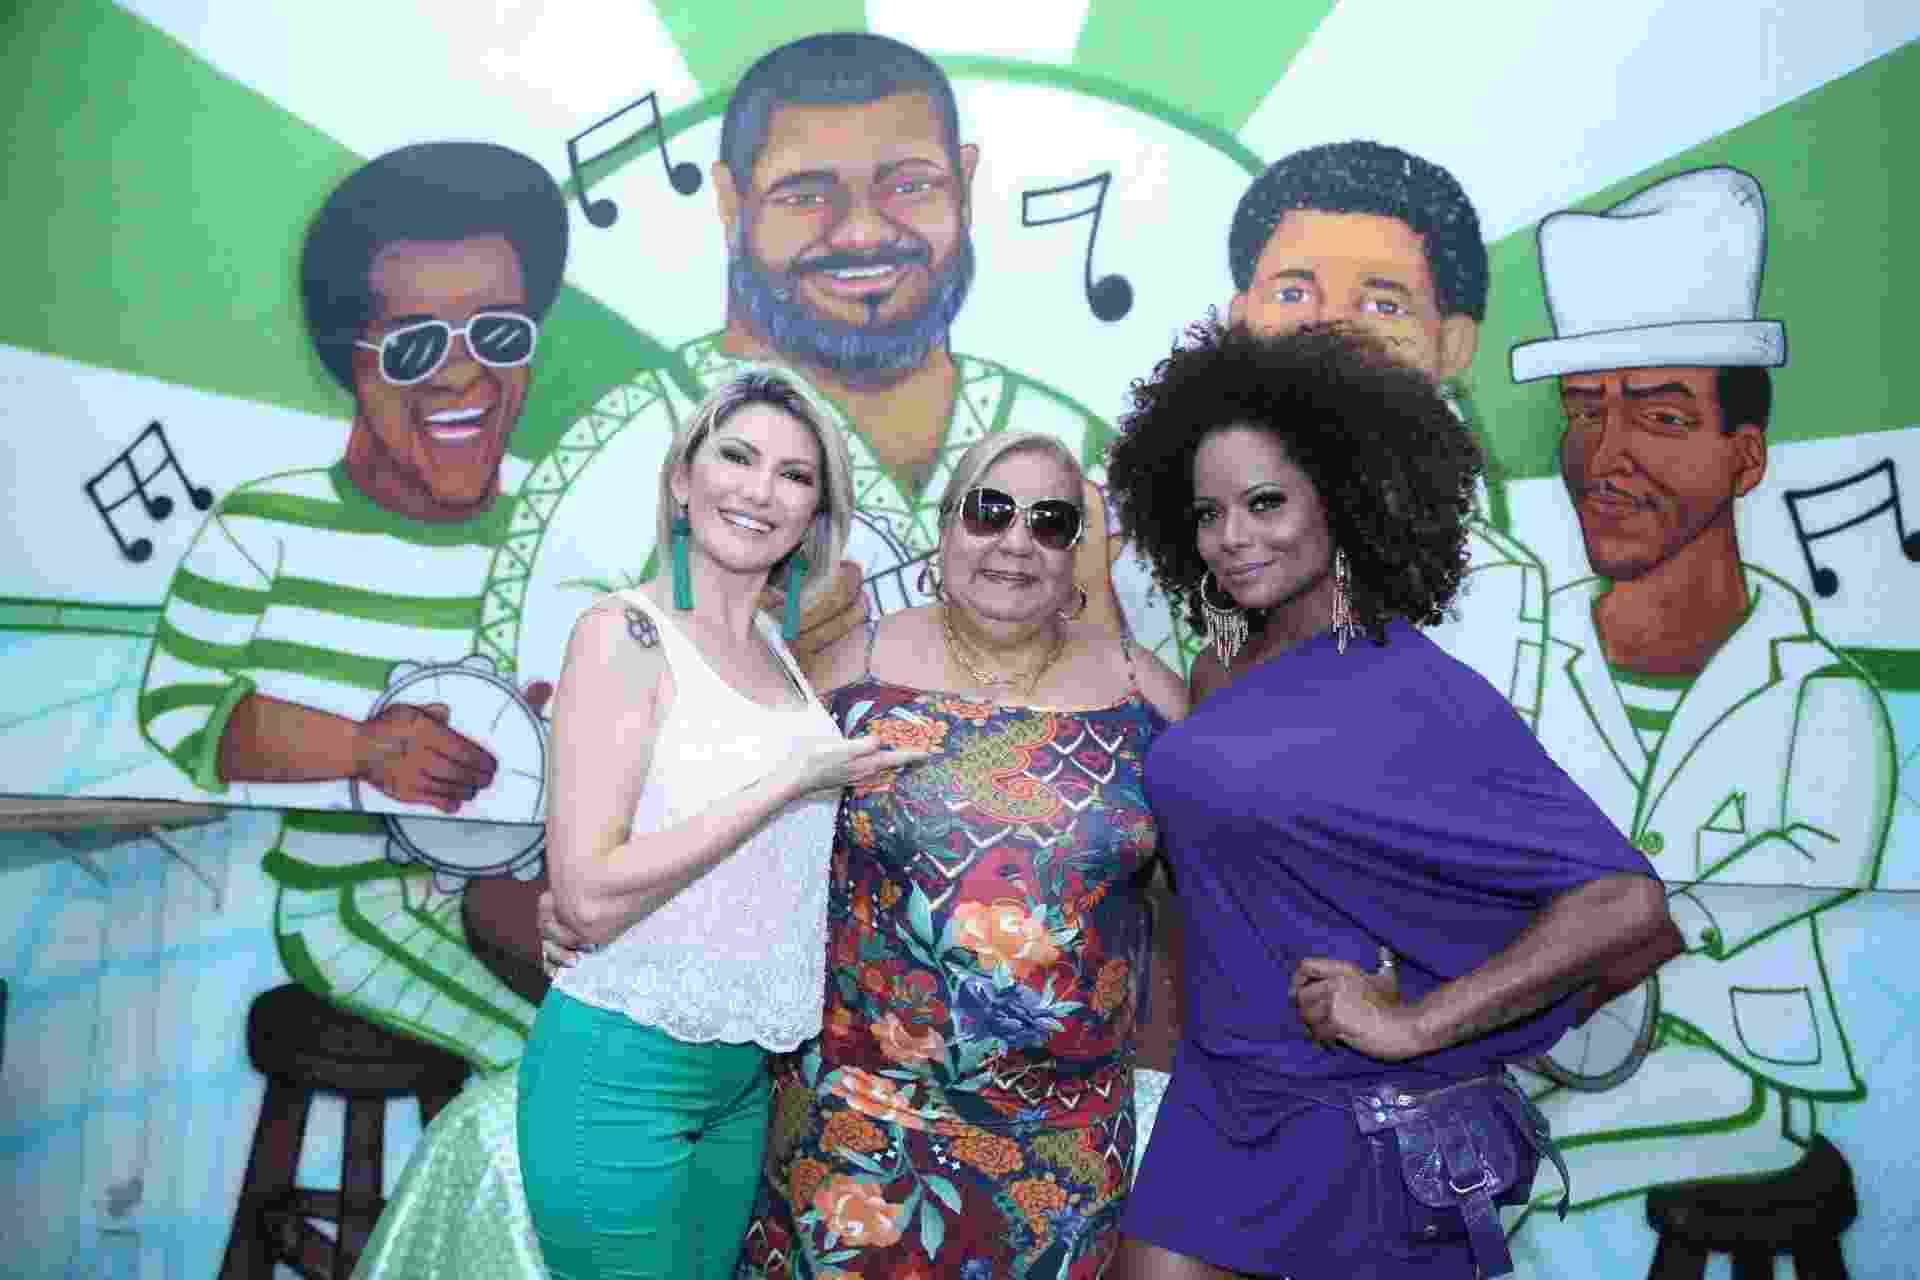 Antônia Fontenelle e Adriana Bombom com a presidente Dona Vera Lúcia na feijoada da Império Serrano neste sábado (20) - AgNews